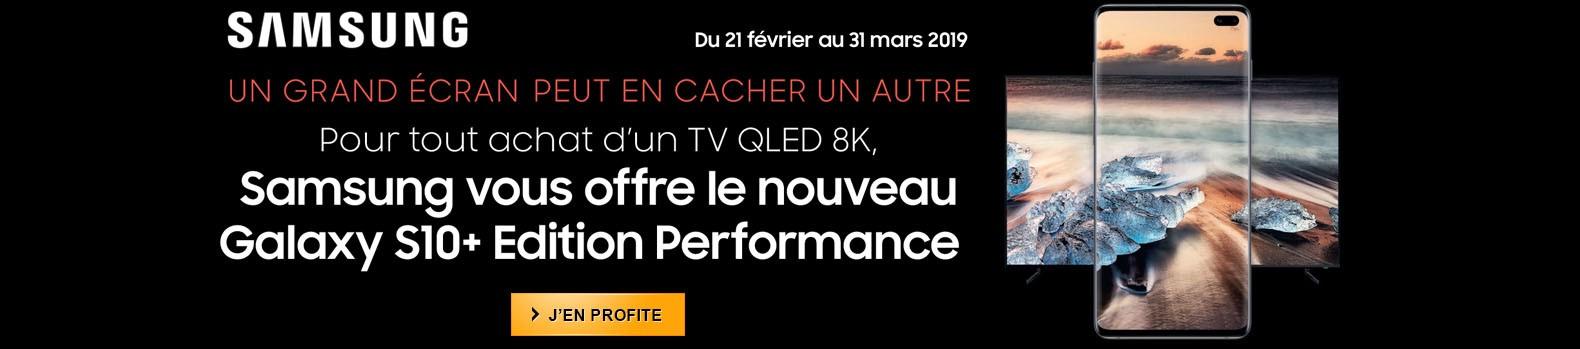 Achetez un TV Samsung QLED 8K et recevez à domicile le nouveau Galaxy S10+ Edition Performance Céramique Noir 512 Go